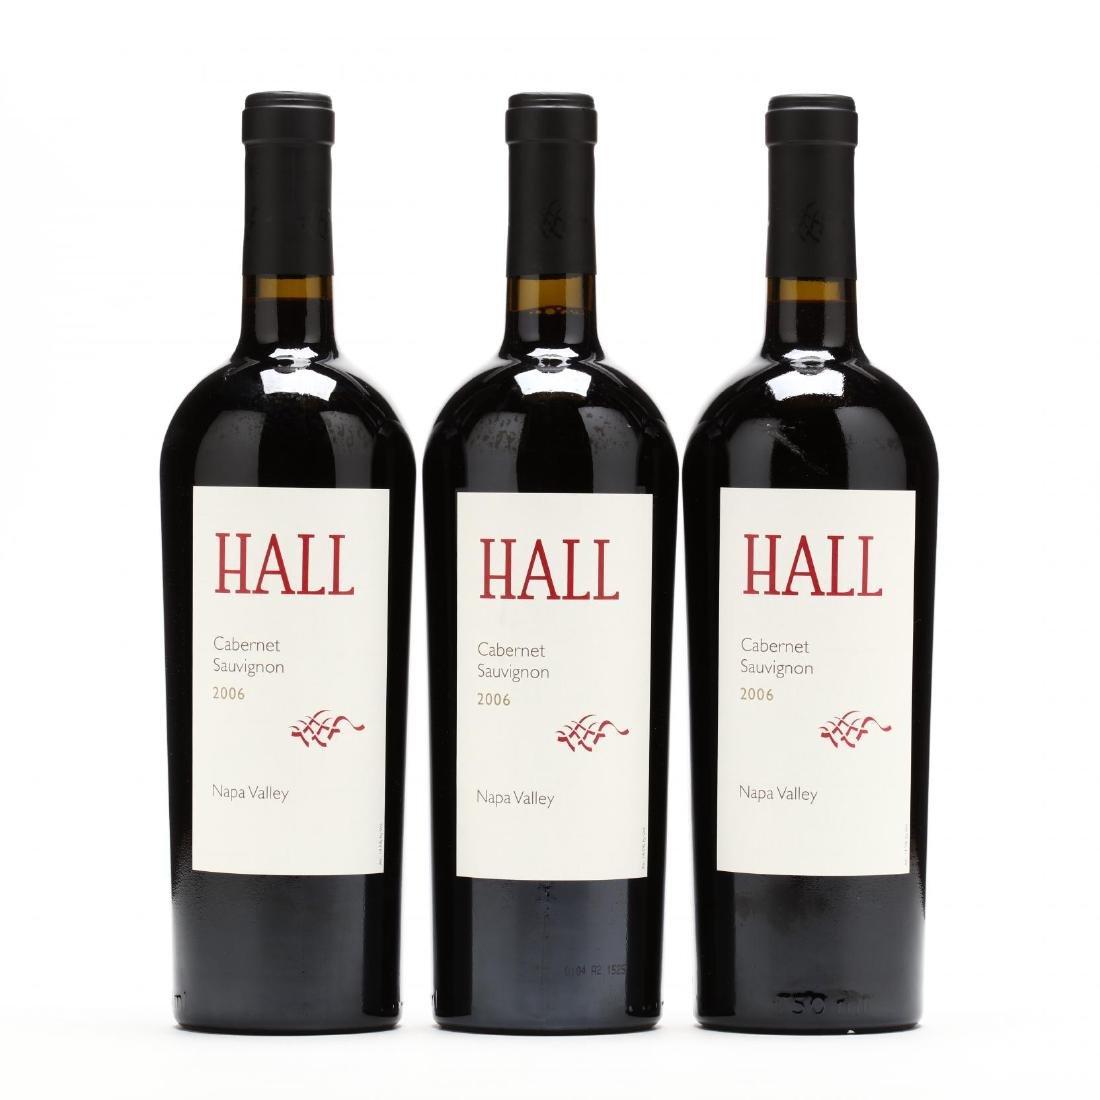 Hall Wines - Vintage 2006